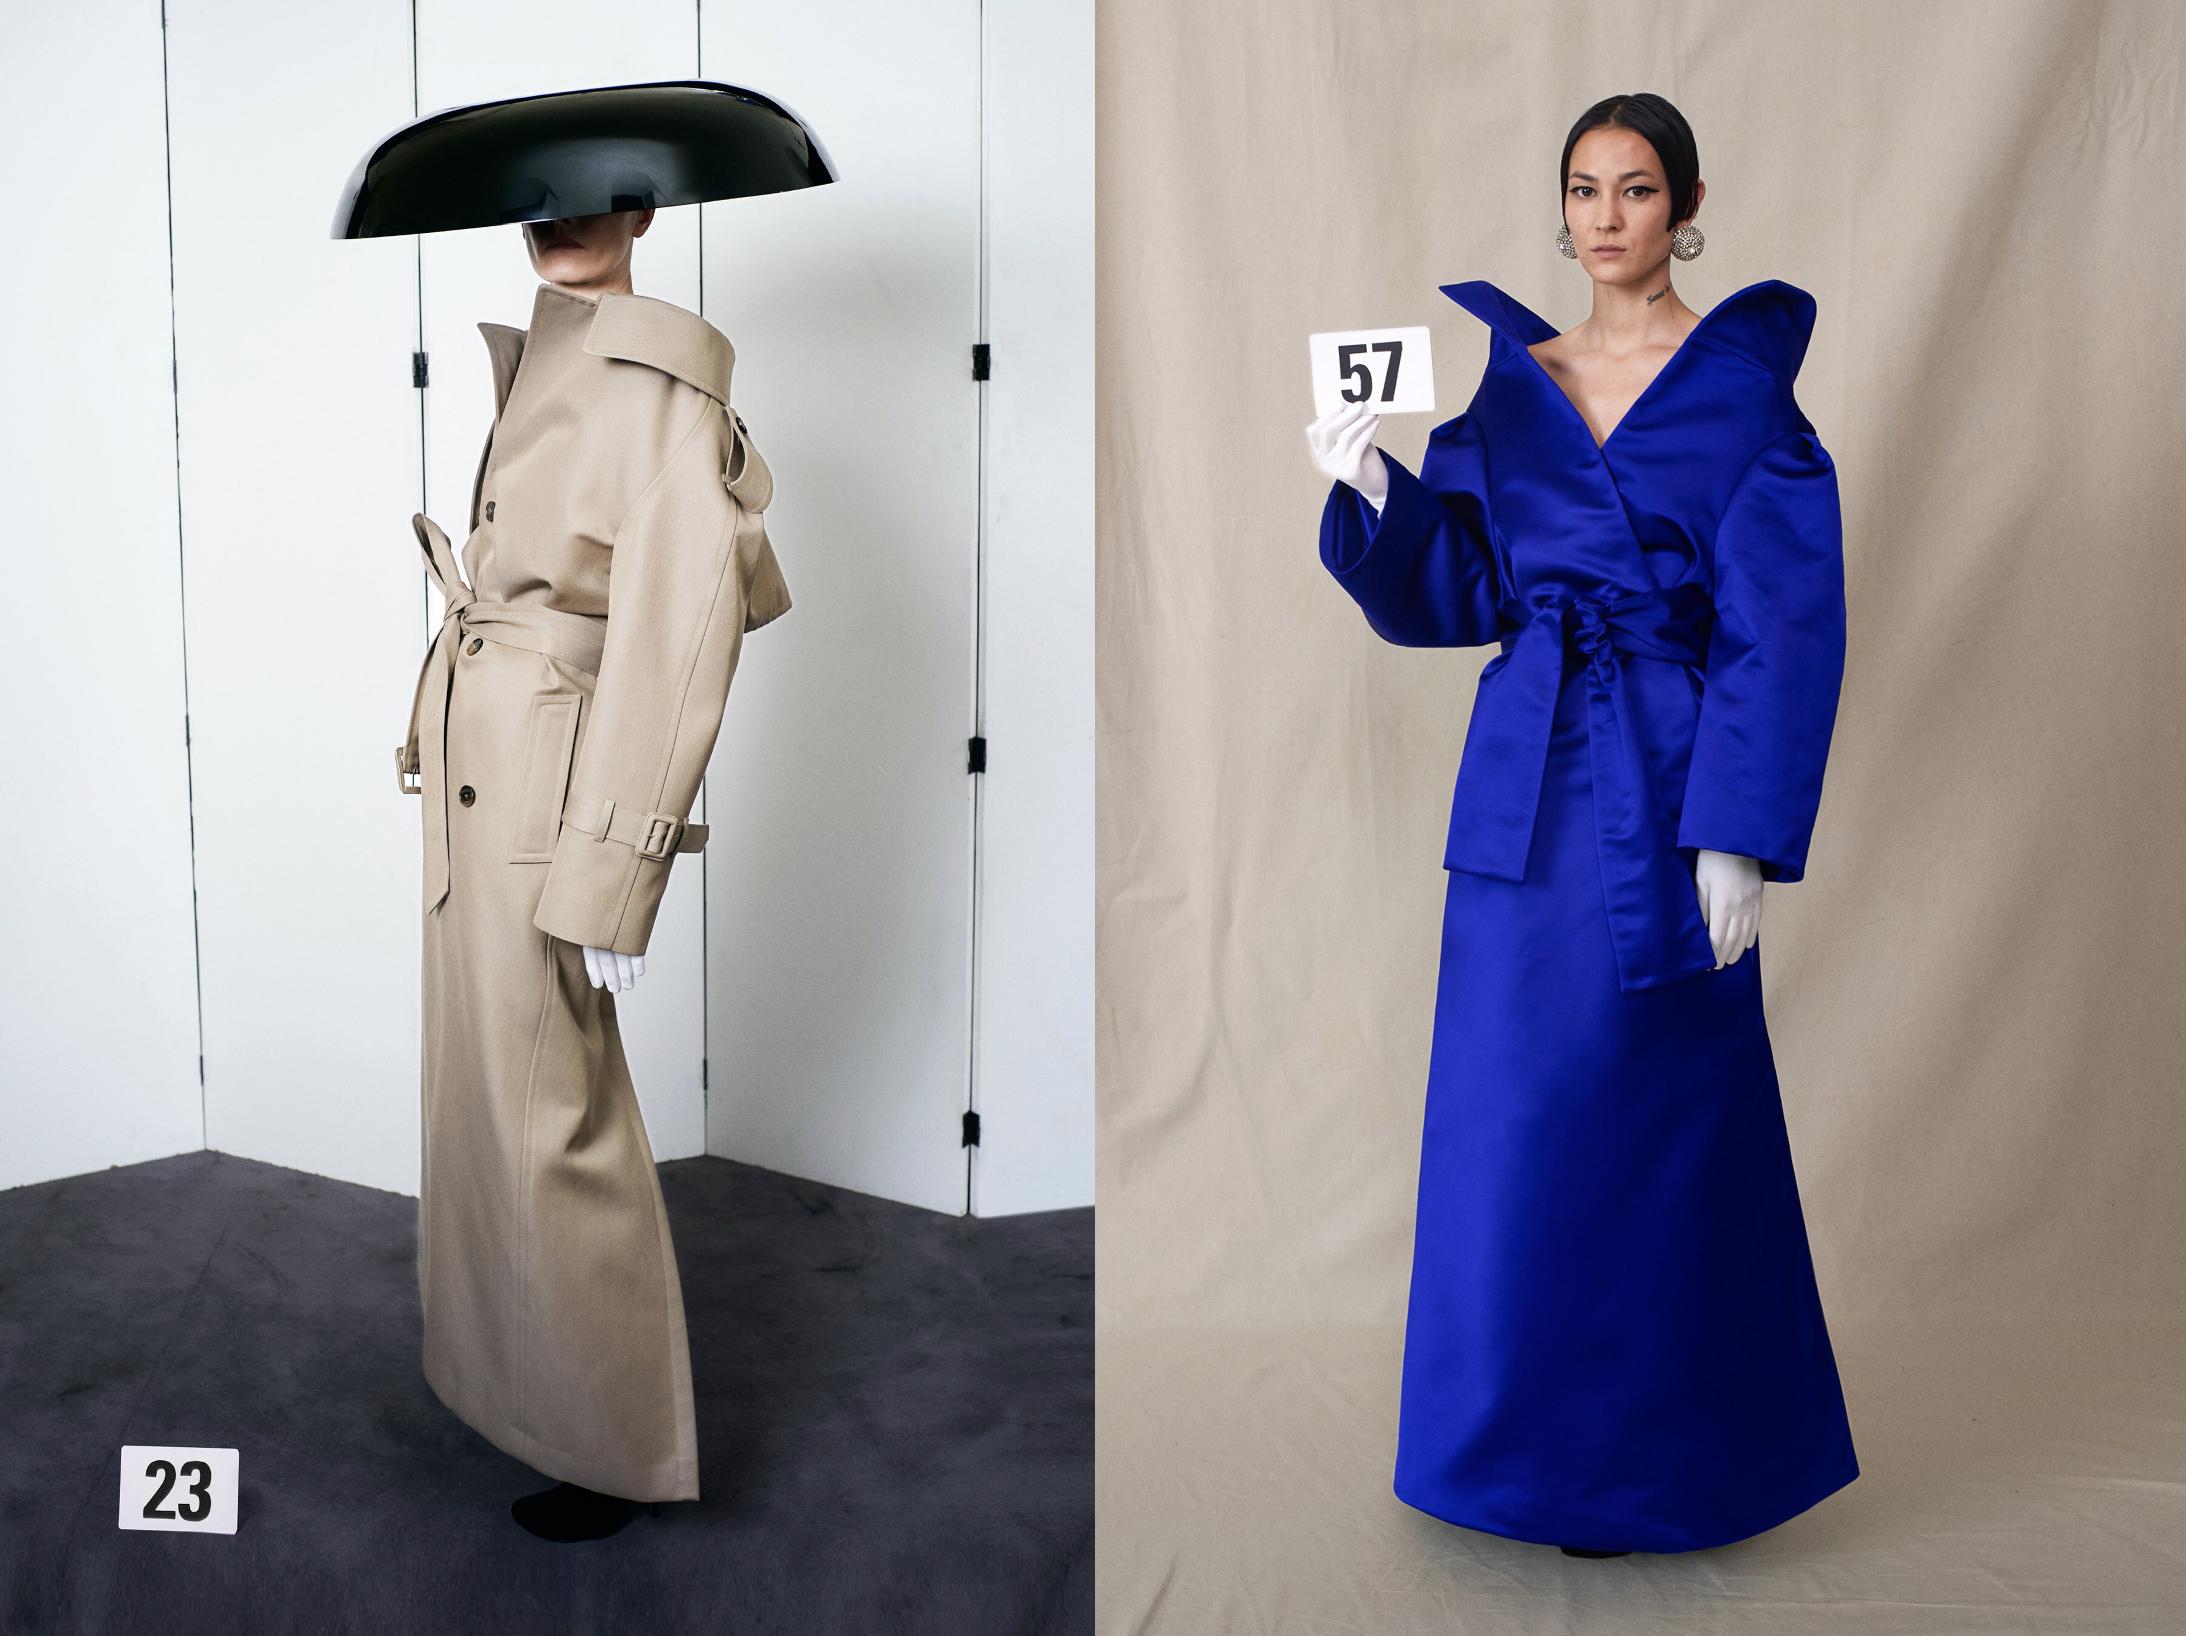 demna-gvasalia-re-codes-balenciagas-couture